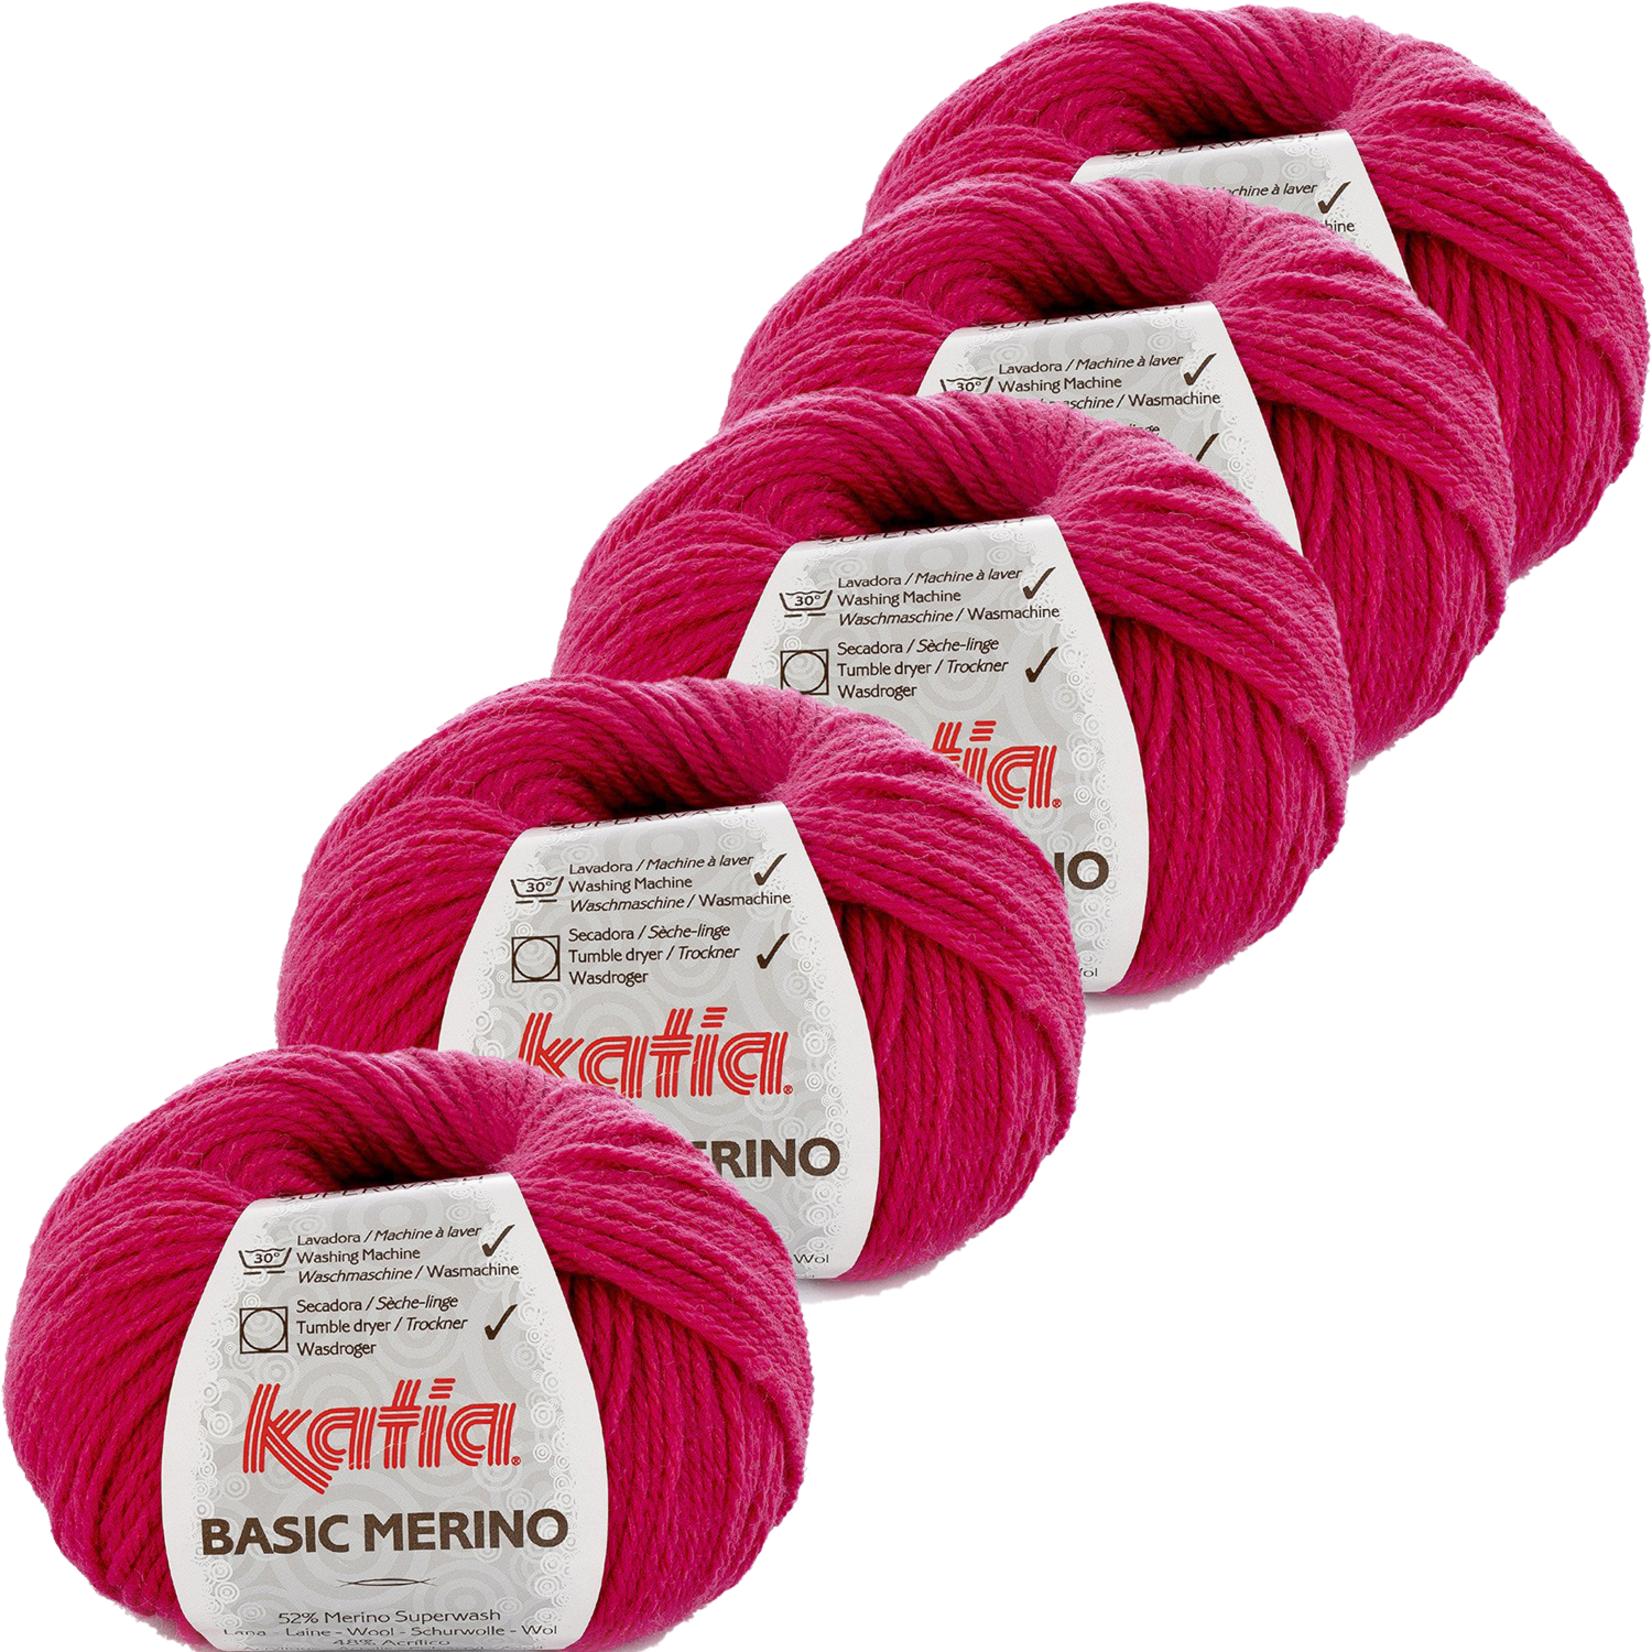 Katia Basic Merino - kleur 40_Licht fuchsia - bundel 5 bollen 50 gr.  van 120 m.